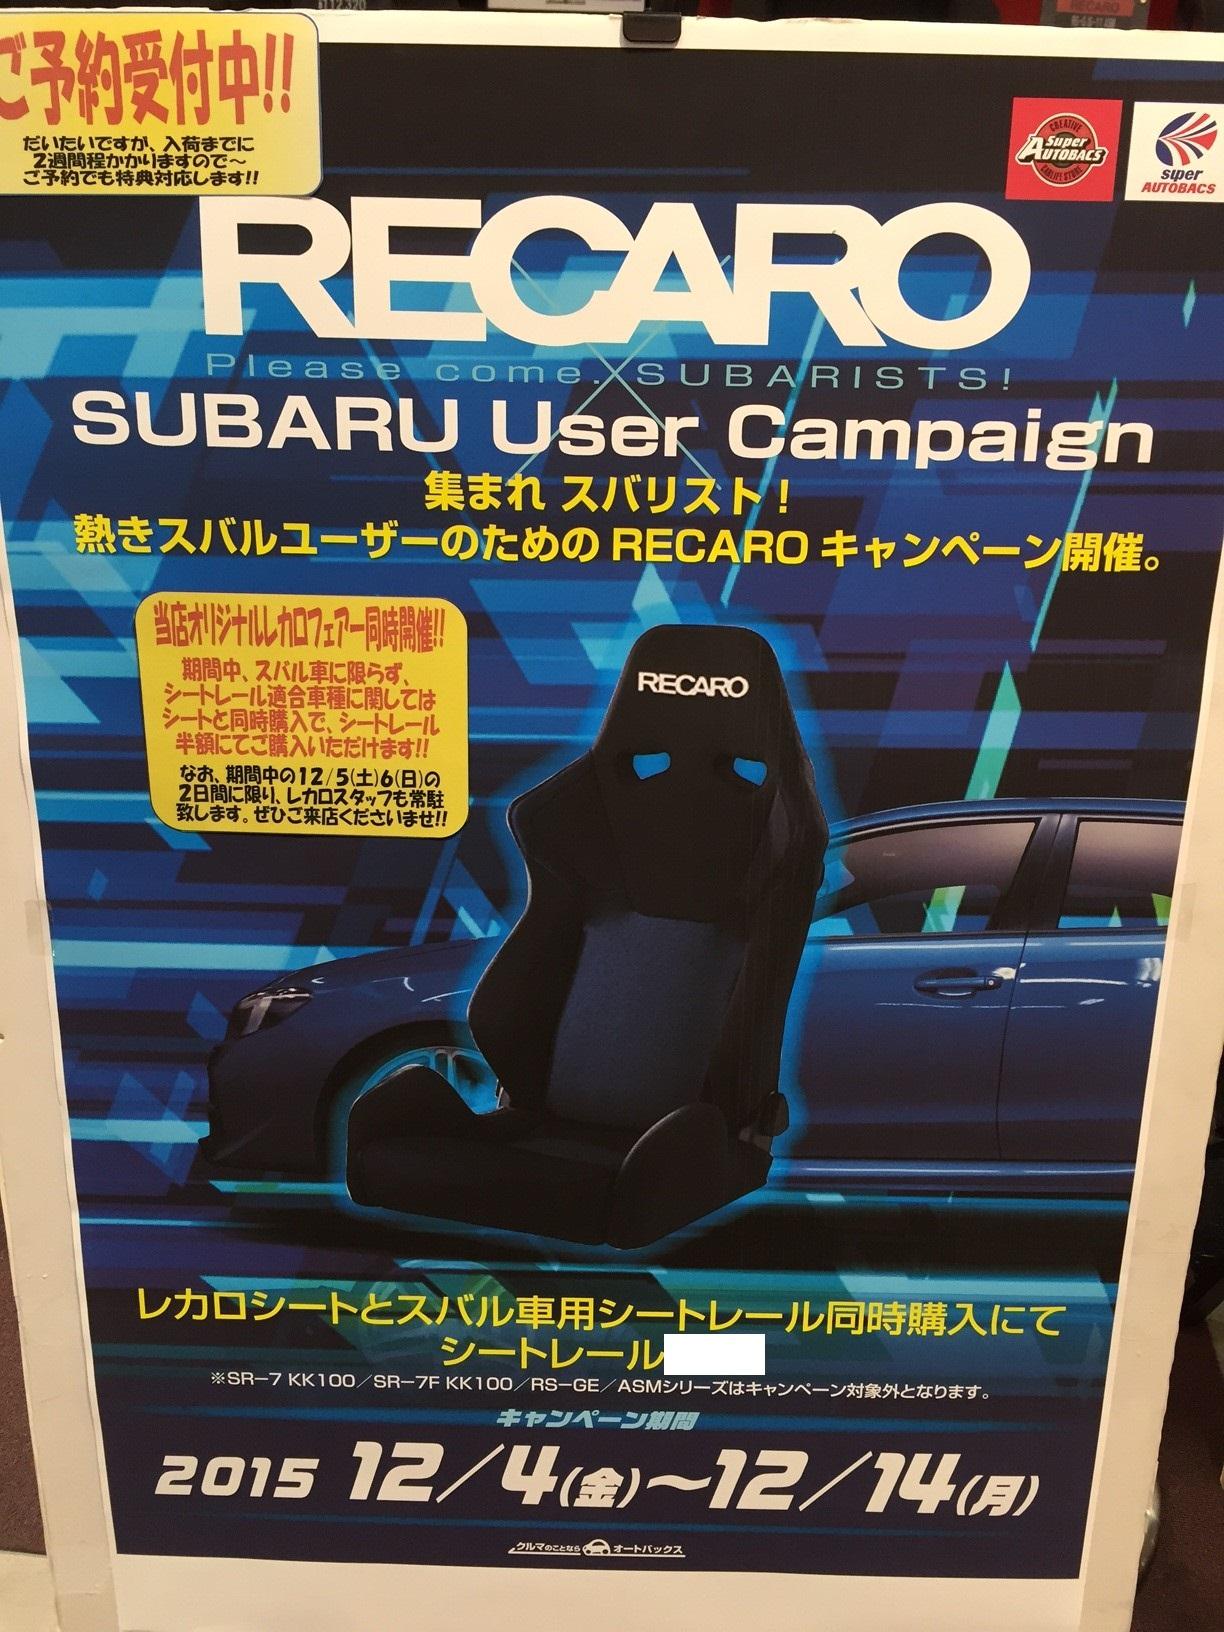 【イベント情報】RECARO×SUBARUフェアー&当店オリジナル企画